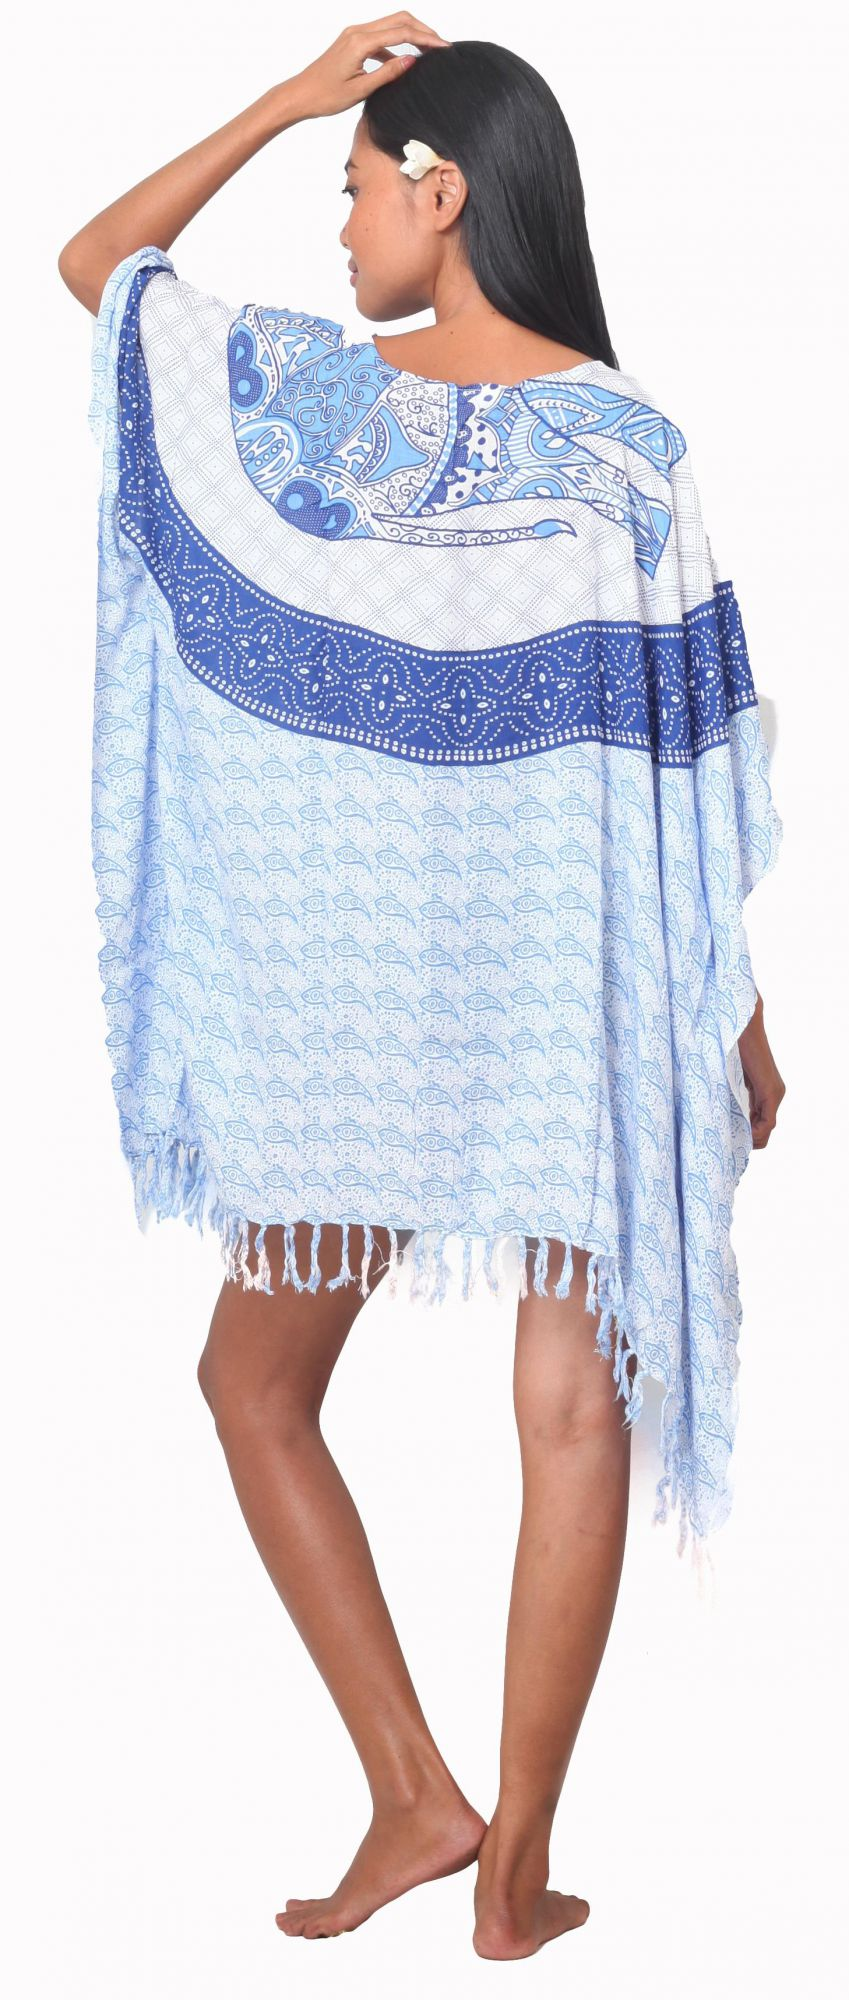 Robe Paréo patchwork élephant bleu